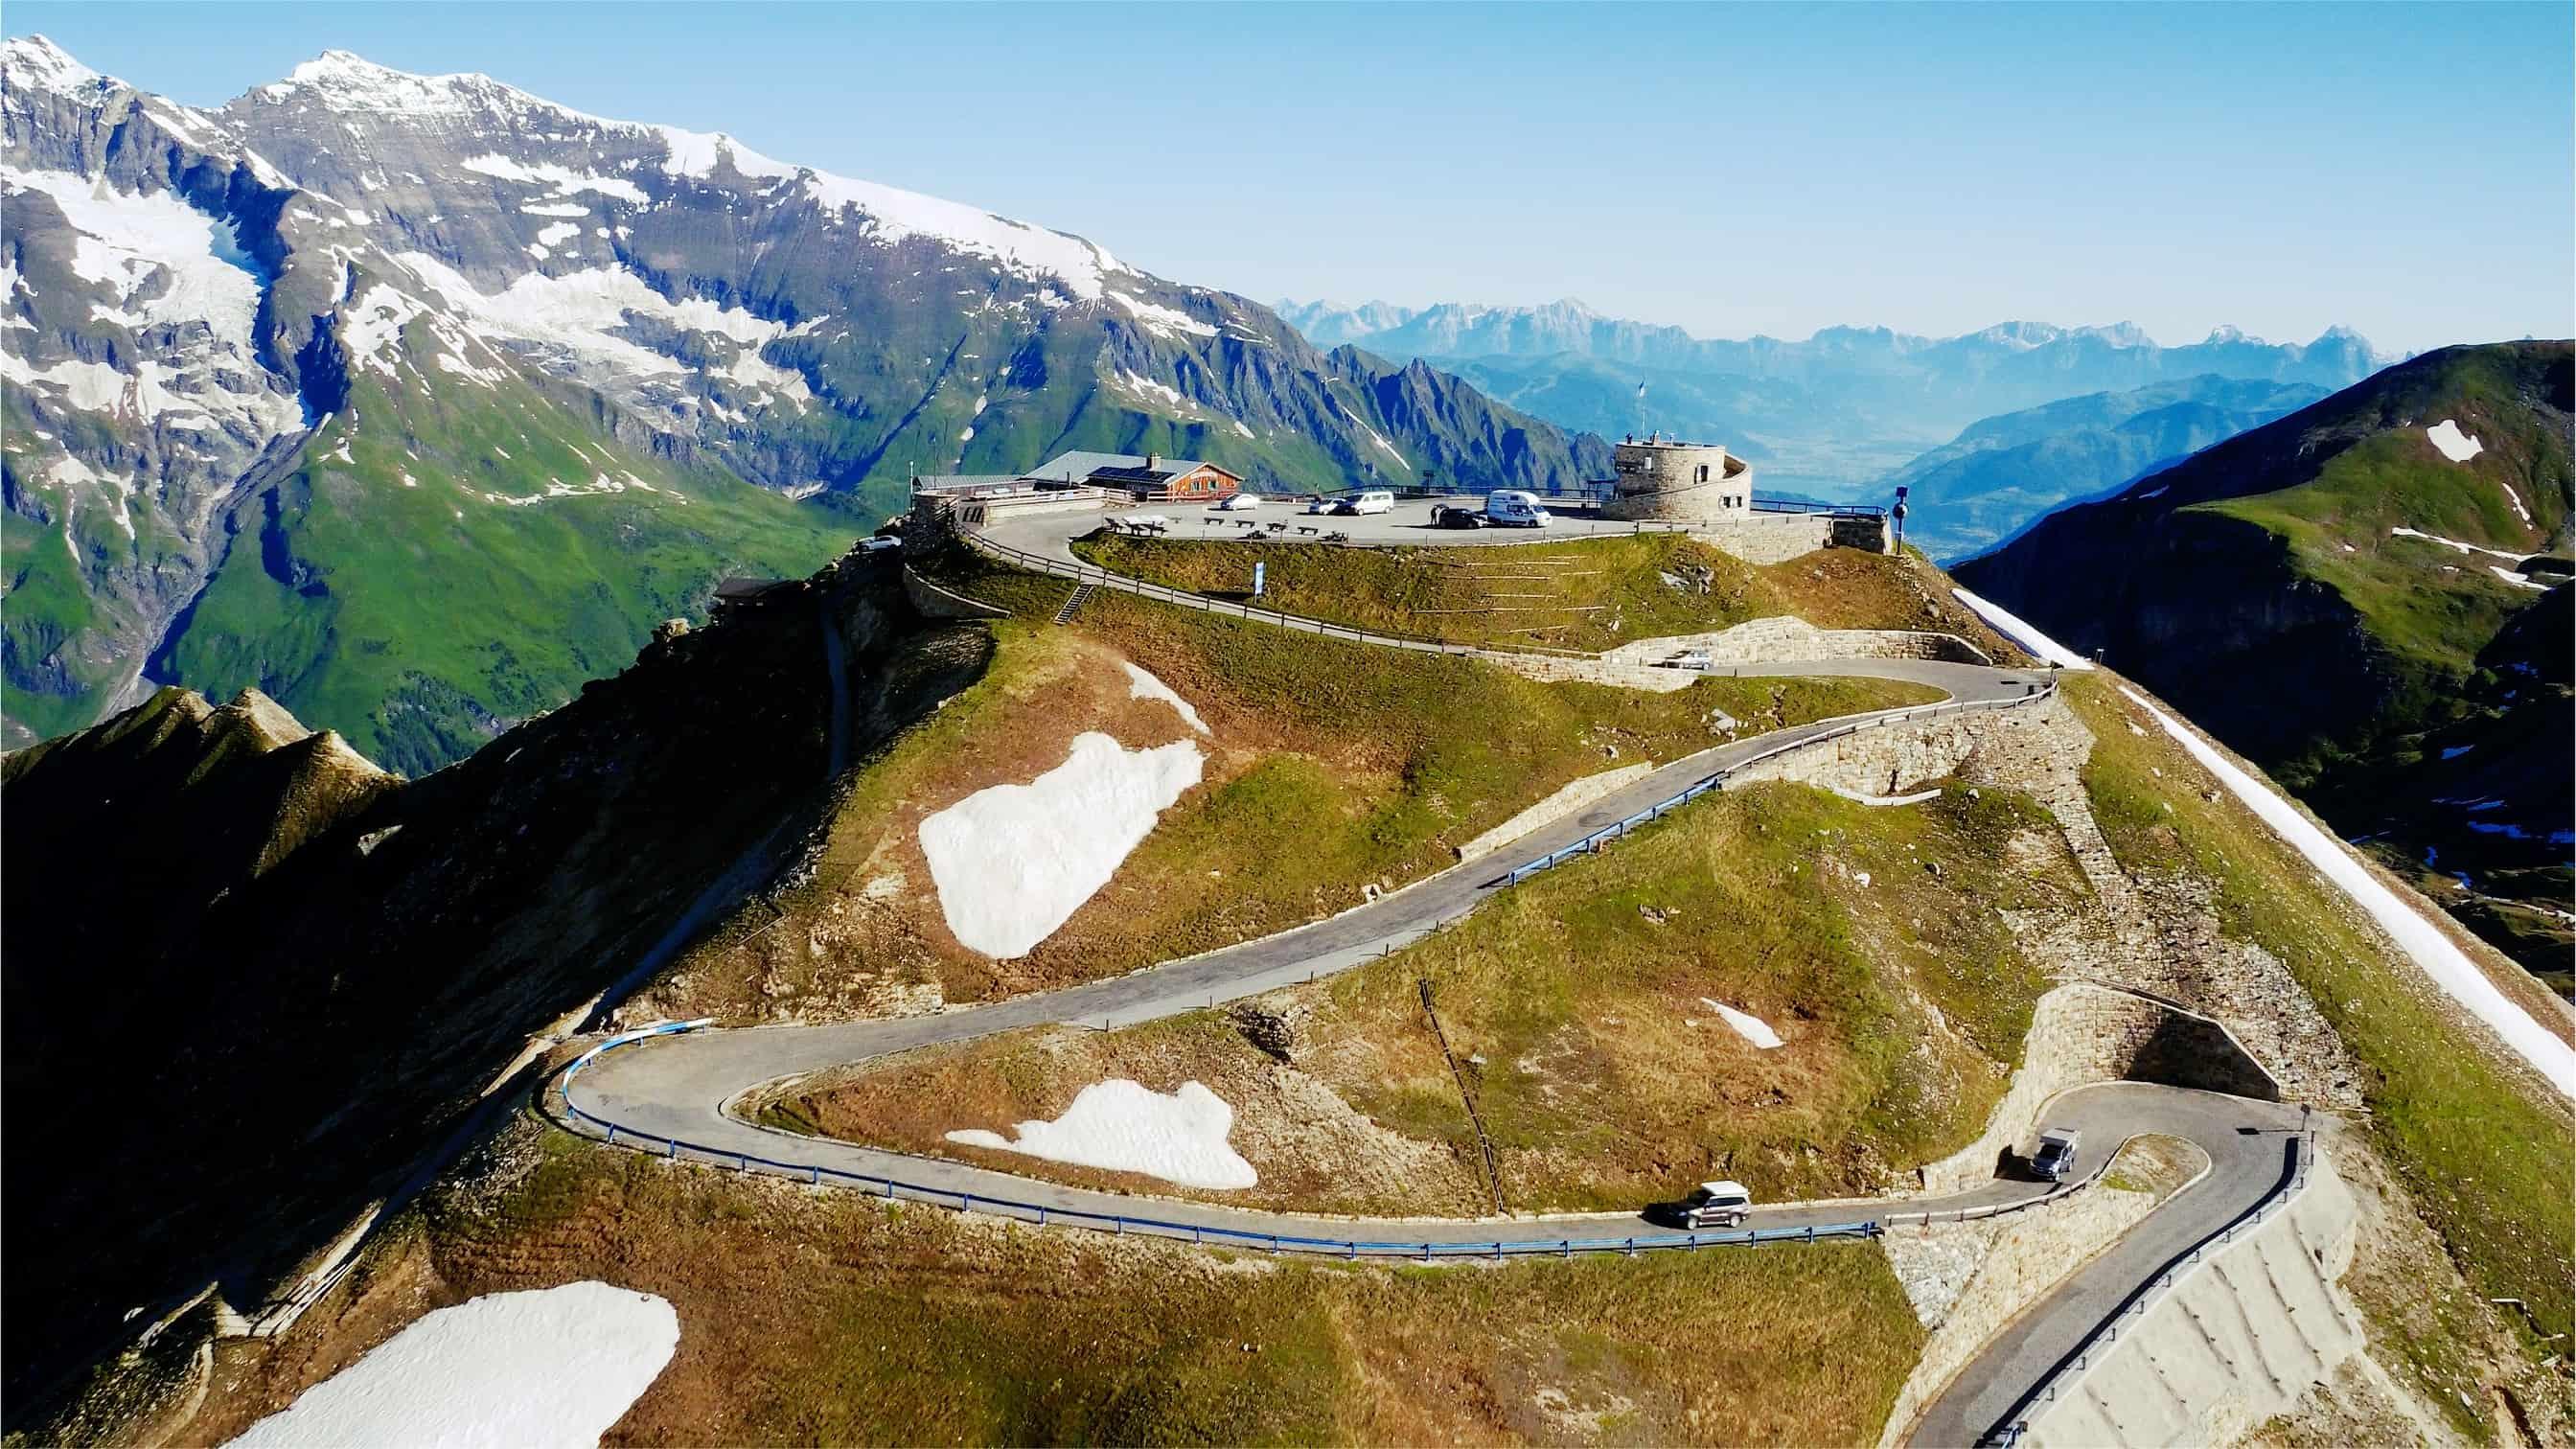 Edelweiß Spitze im Nationalpark Hohe Tauern entlang der Großglockner Hochalpenstraße - alpine Panoramastraße im Nationalpark